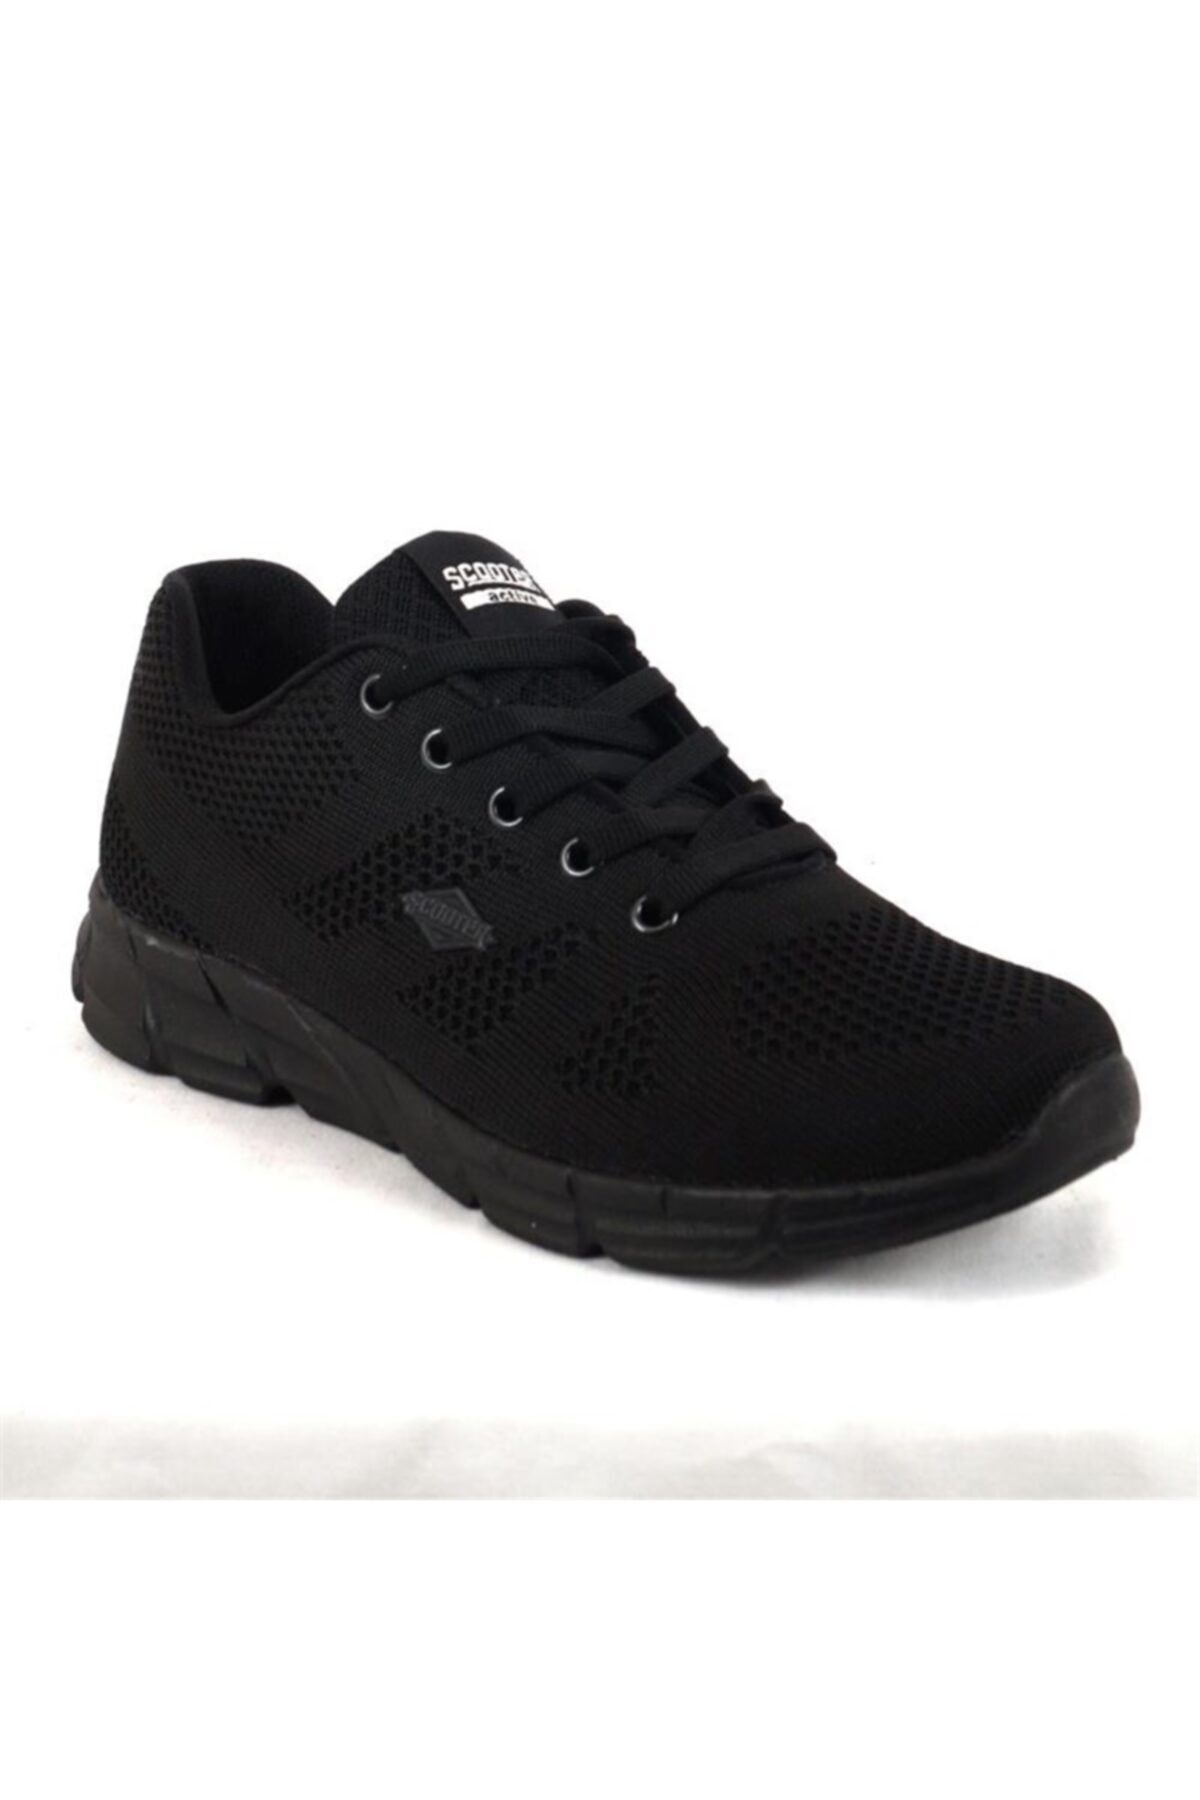 Scooter G5437ts Siyah Kadın Günlük Yürüyüş Ayakkabısı 1